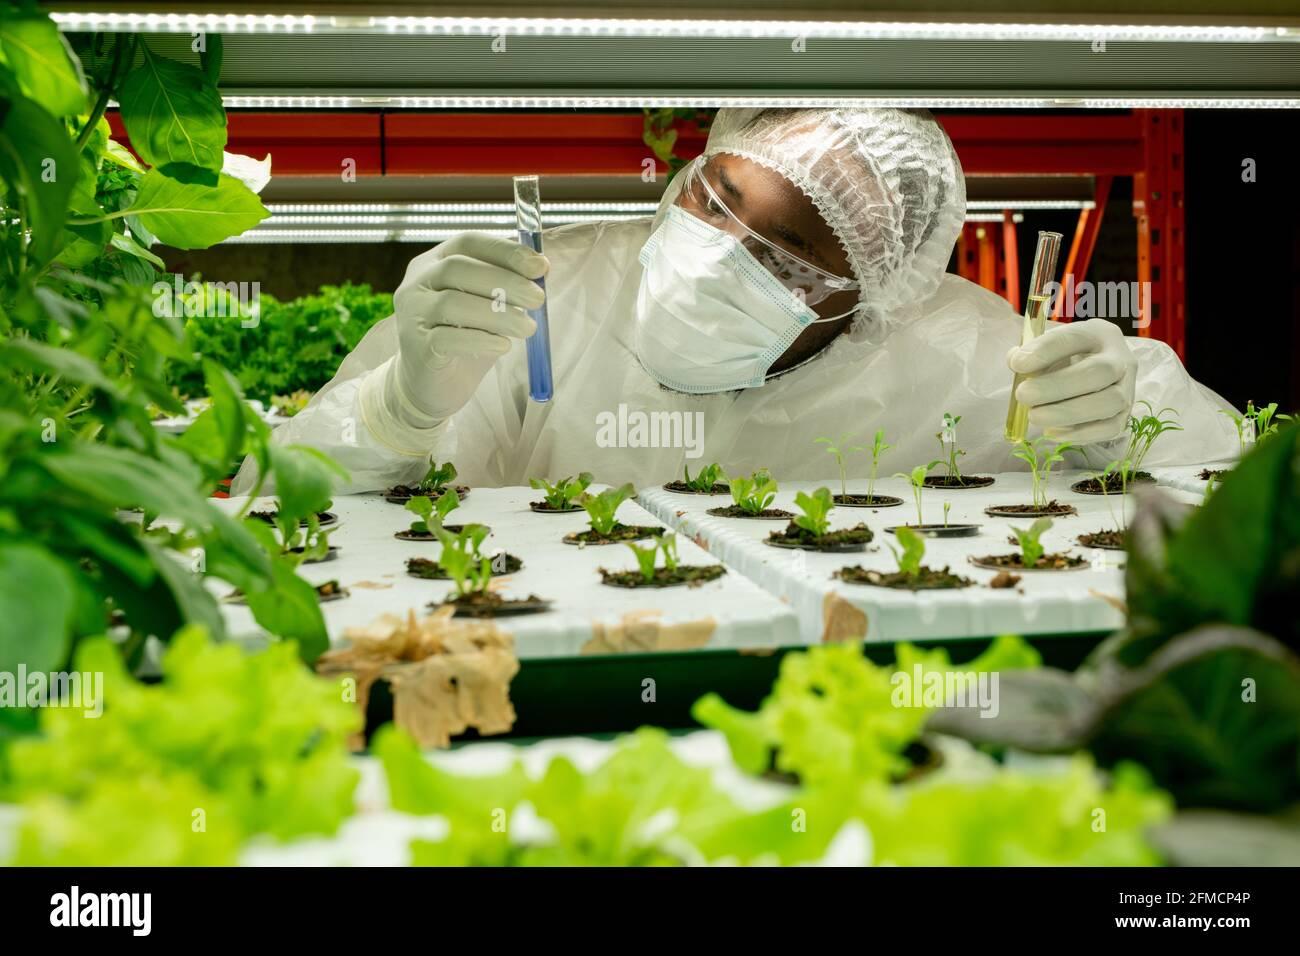 Scientifique agricole afro-américain sérieux dans un masque et des lunettes de protection bleu liquide dans les pots de semis tout en maintenant l'expérience en serre Banque D'Images